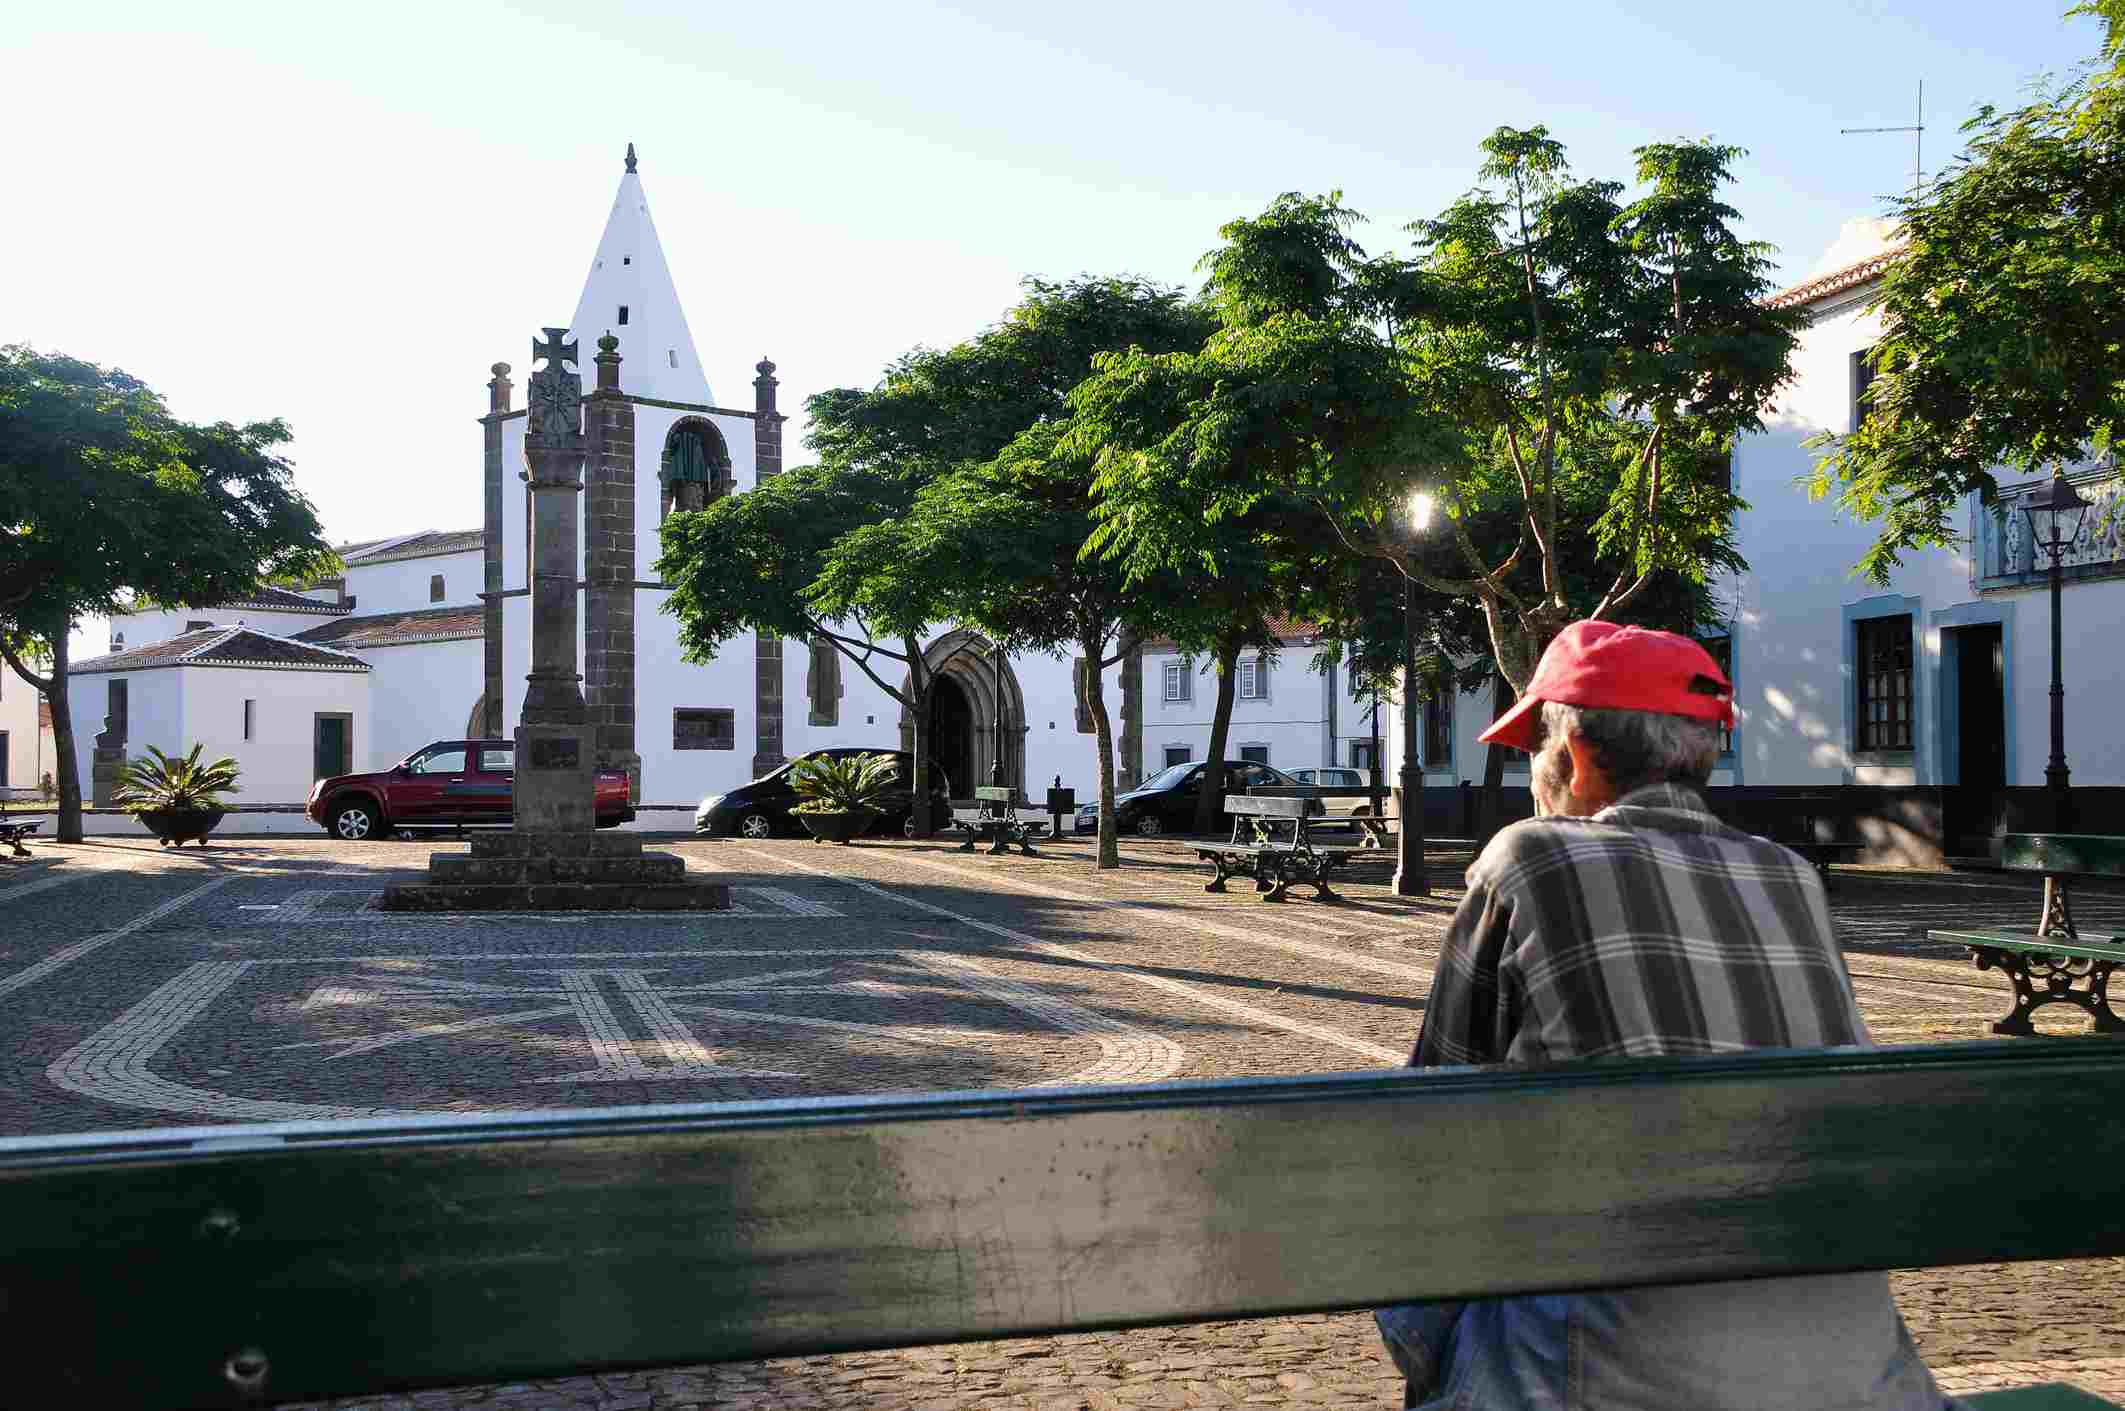 Sao Sebastiao church